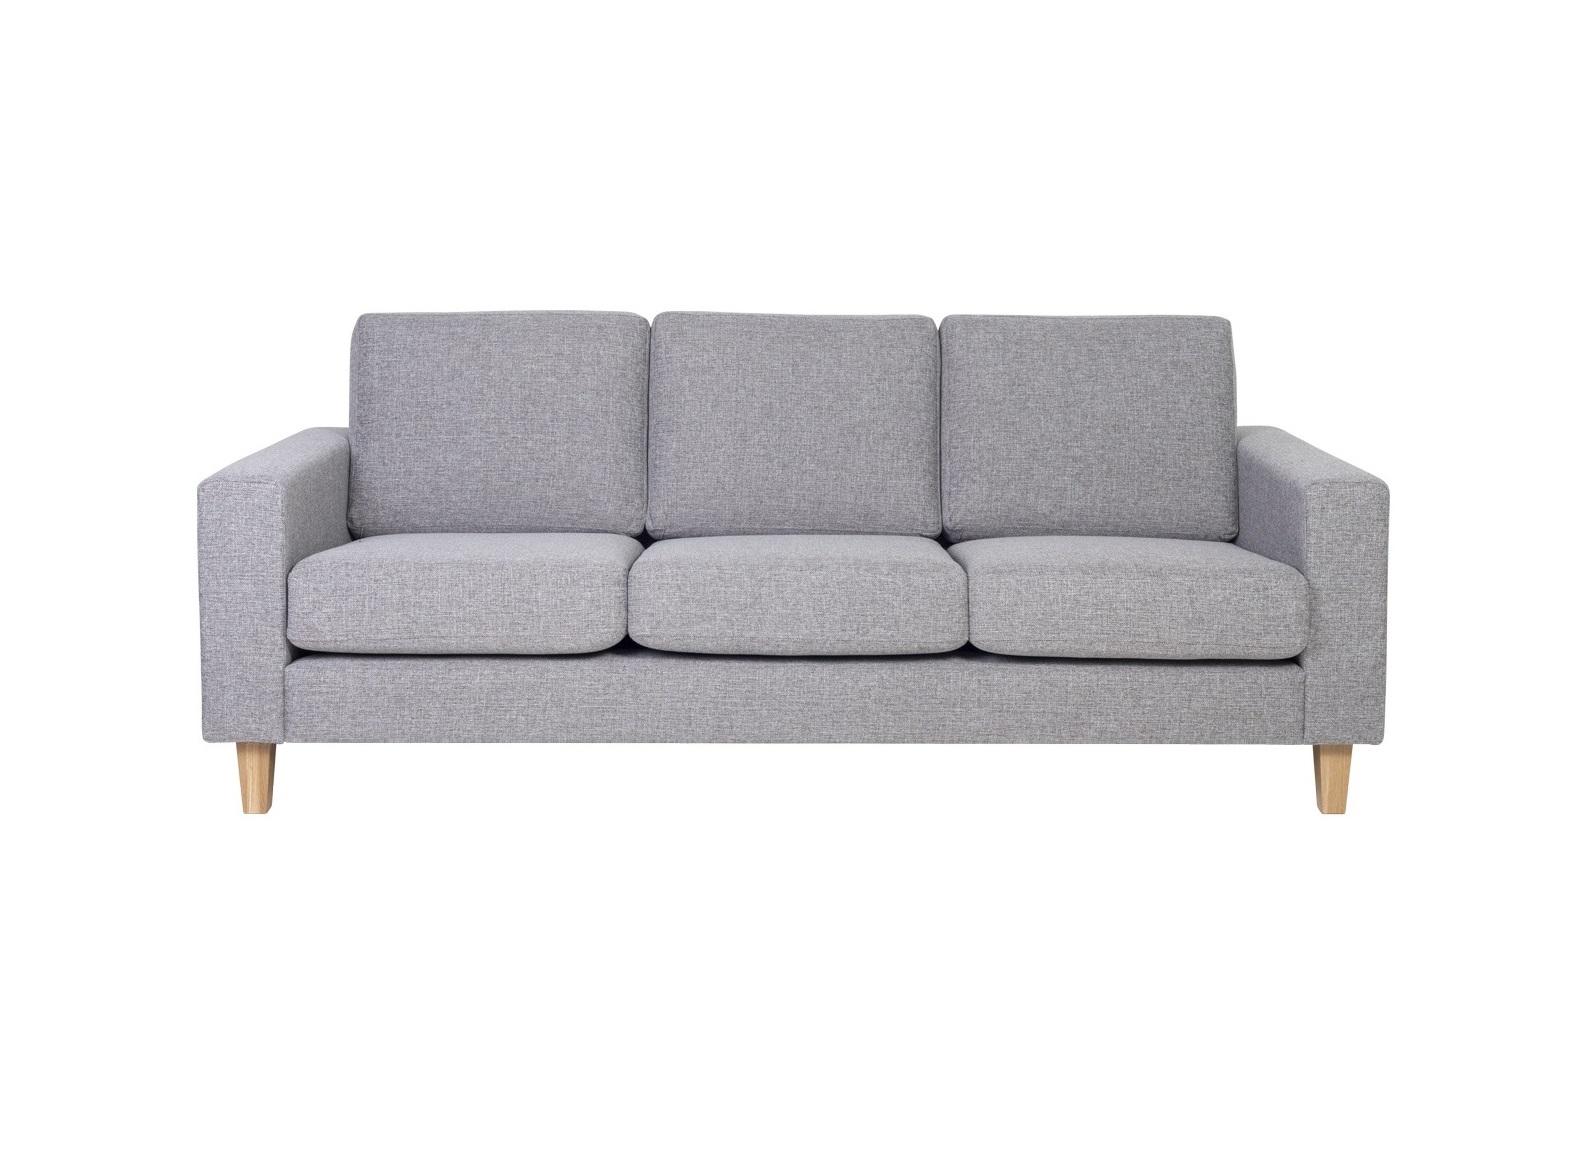 Диван ПориТрехместные диваны<br>Диван Пори – это трехместный диван, который позволит создать комфортную обстановку для всех. Диван Пори украсит современный интерьер и создаст уютную атмосферу. Не разбирается.&amp;amp;nbsp;&amp;lt;div&amp;gt;&amp;lt;br&amp;gt;&amp;lt;/div&amp;gt;&amp;lt;div&amp;gt;Каркас (комбинации дерева, фанеры и ЛДСП).&amp;amp;nbsp;&amp;lt;/div&amp;gt;&amp;lt;div&amp;gt;Для сидячих подушек используют пену различной плотности, а также перо и силиконовое волокно.&amp;amp;nbsp;&amp;lt;/div&amp;gt;&amp;lt;div&amp;gt;Для задних подушек есть пять видов наполнения: пена, измельченая пена, пена высокой эластичности, силиконовые волокно.&amp;amp;nbsp;&amp;lt;/div&amp;gt;&amp;lt;div&amp;gt;Материал обивки:  Linda 3 grey (100% PP полипропиленовое волокно).&amp;amp;nbsp;&amp;lt;/div&amp;gt;<br><br>Material: Текстиль<br>Ширина см: 217<br>Высота см: 87<br>Глубина см: 86